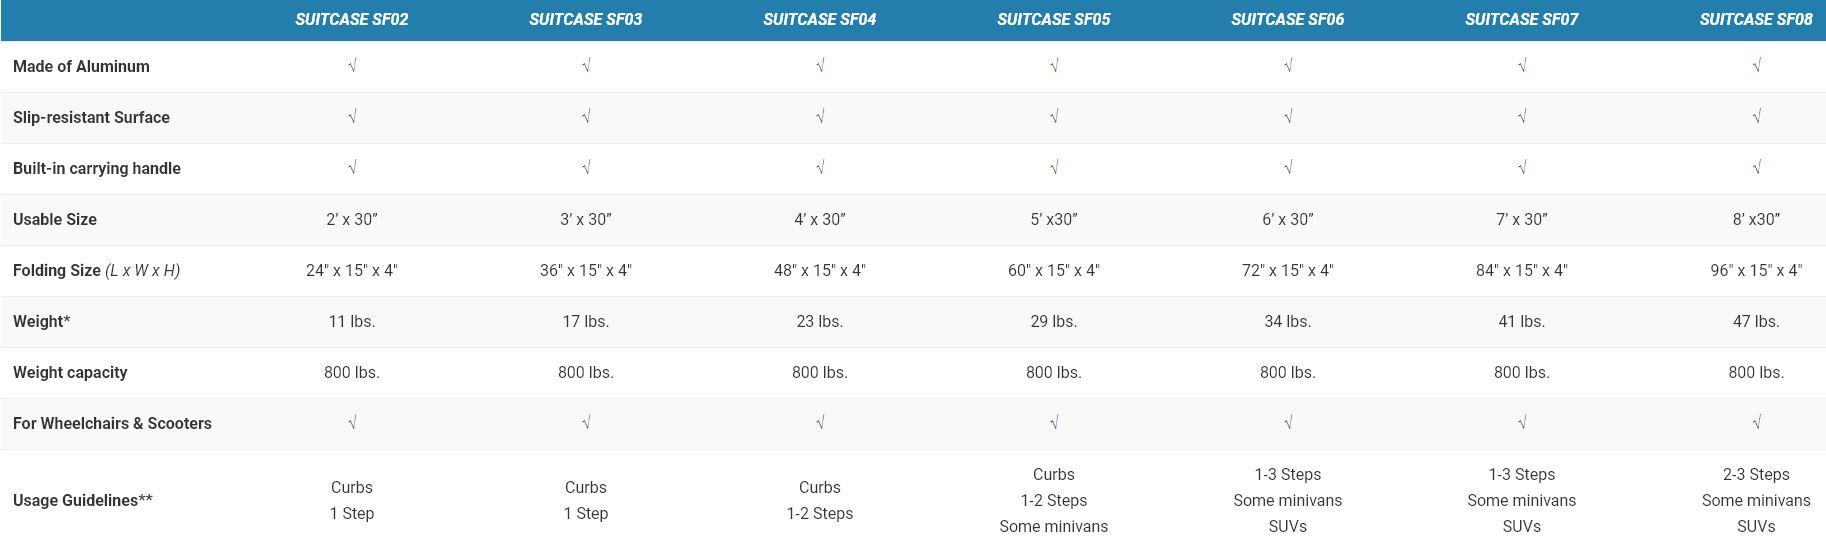 suitcase-ramp-specs.jpg